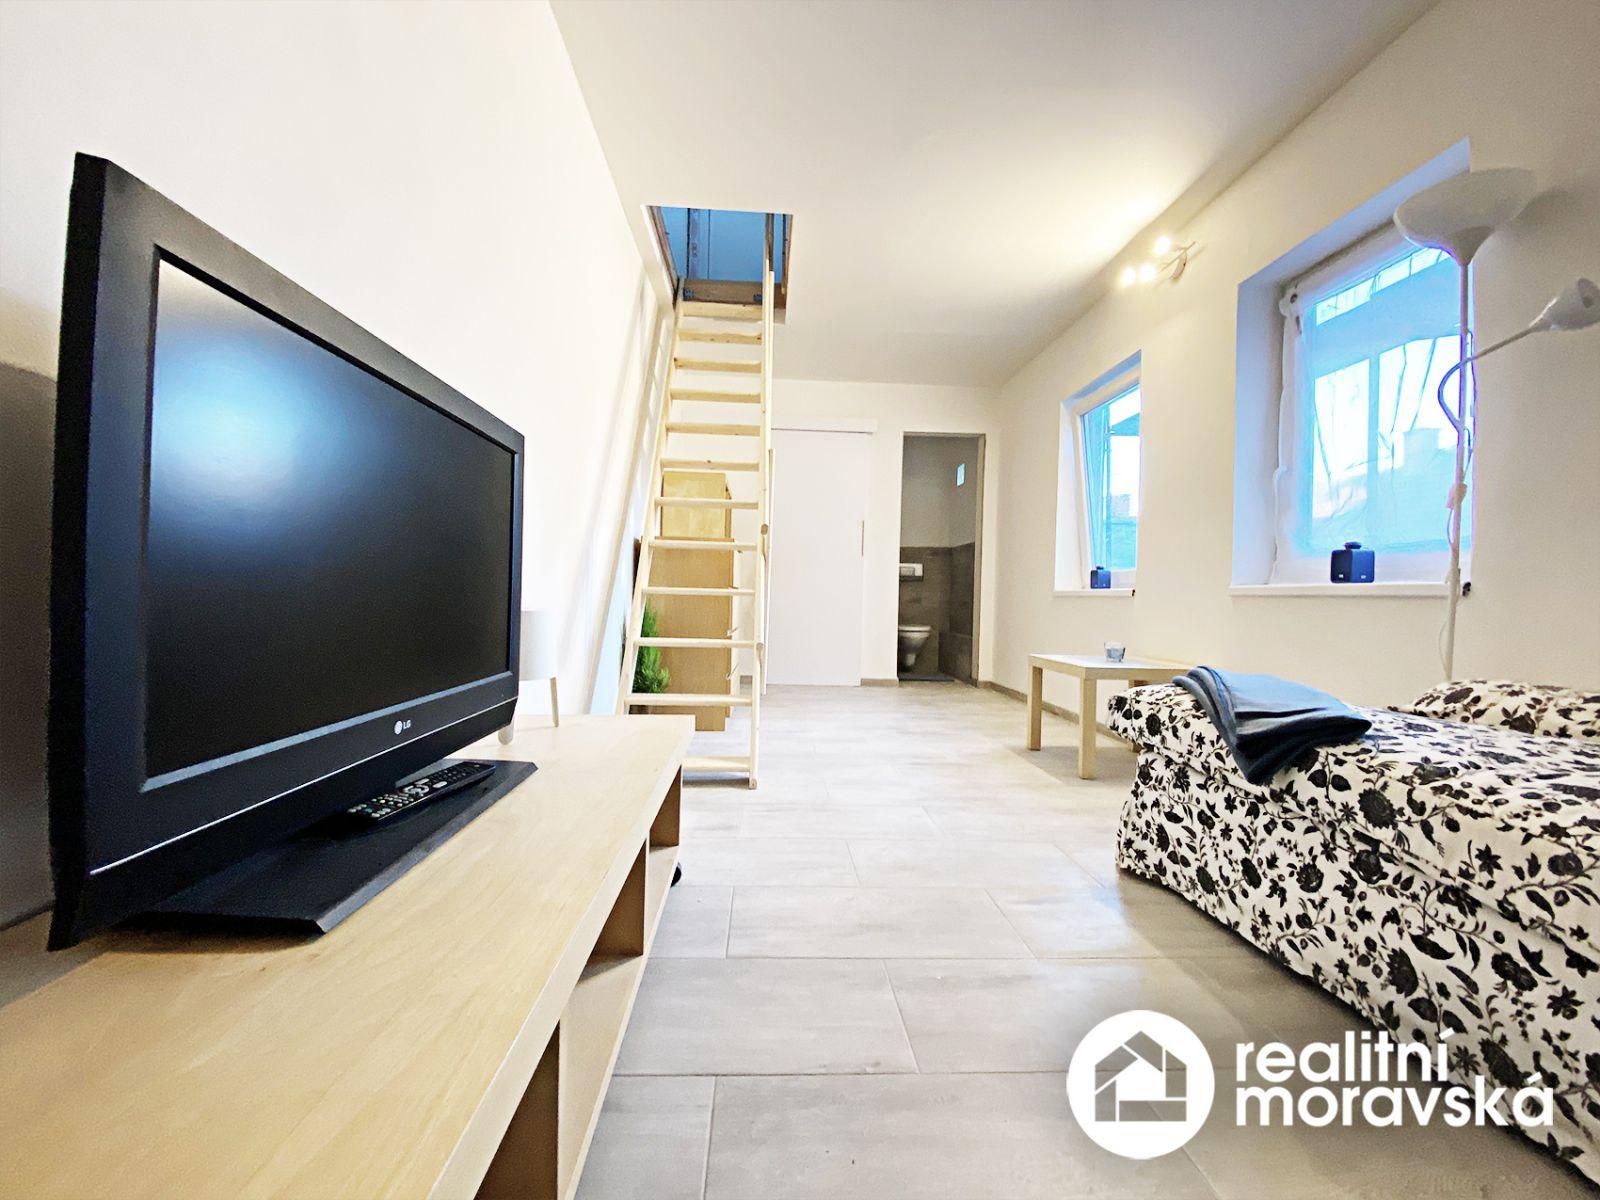 Pronájem bytu 2+kk v Brně - Bystrci